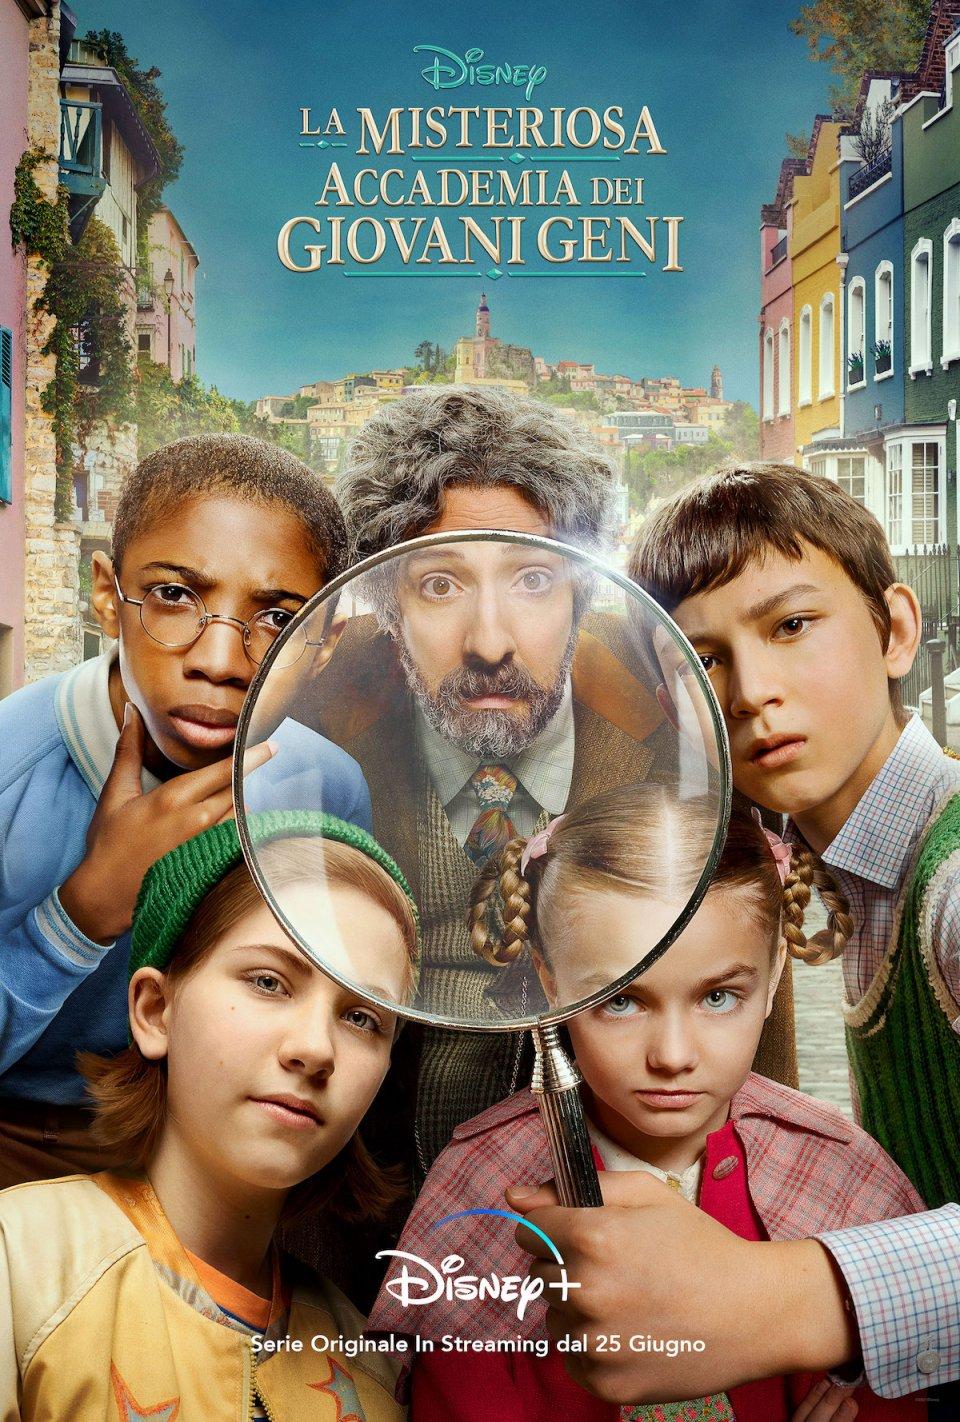 La Misteriosa Accademia Dei Giovani Geni Poster